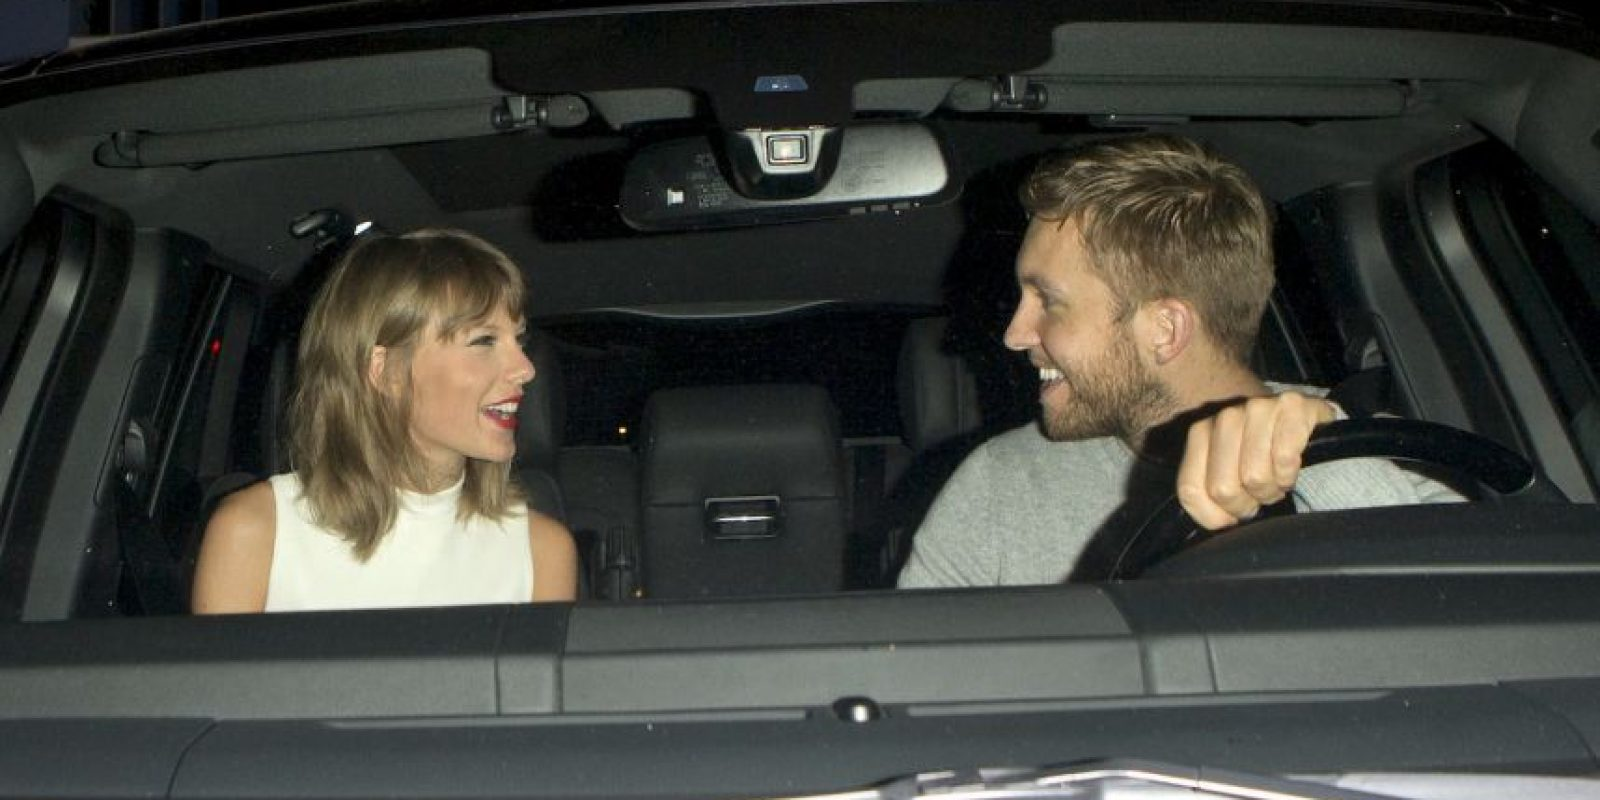 Sin embargo, la pareja ha querido mantener su relación en total discreción. Foto:Grosby Group